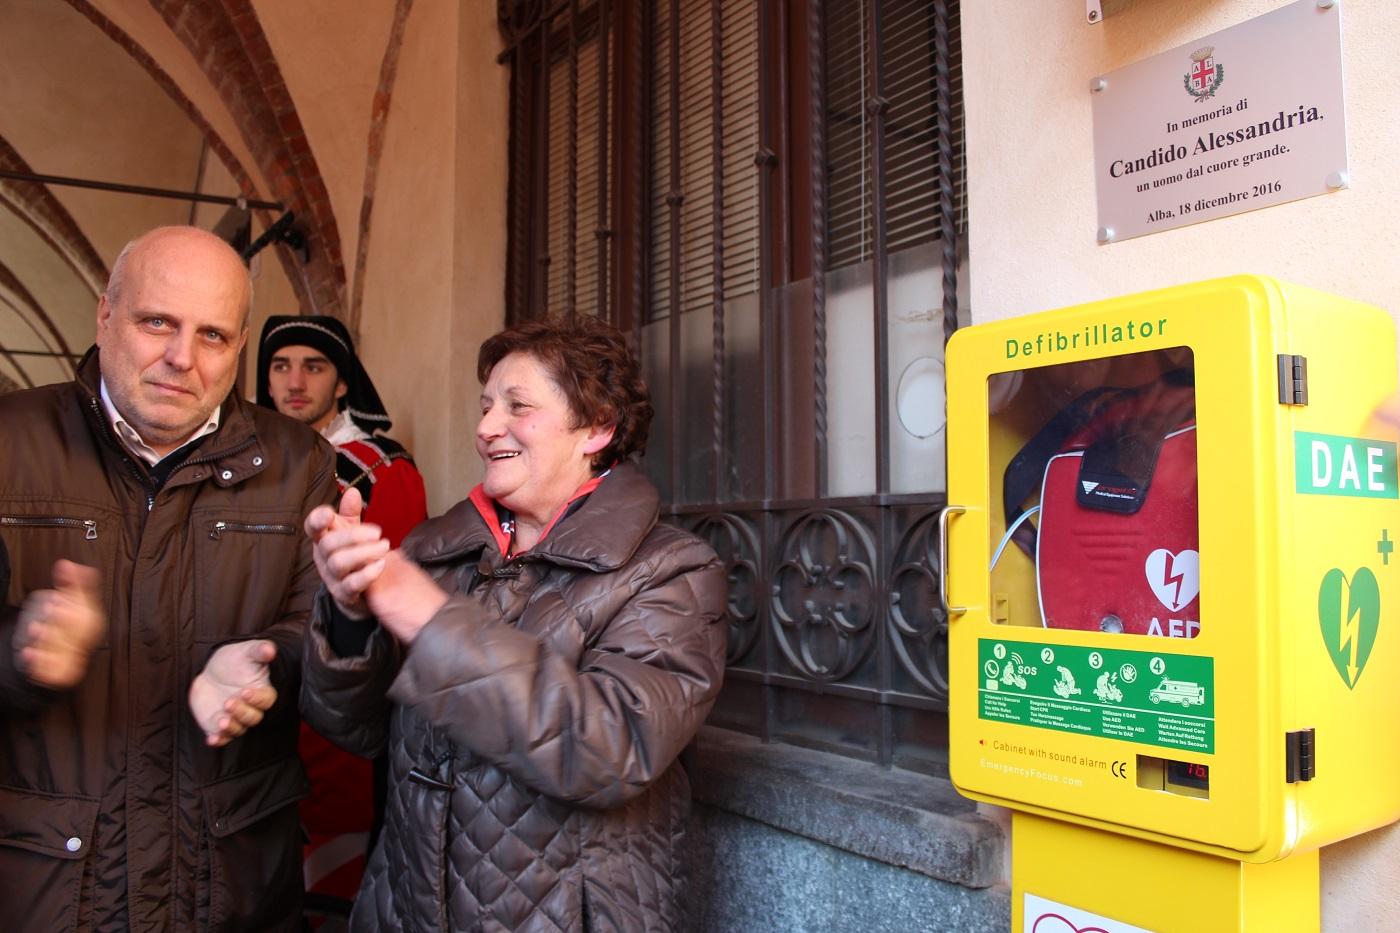 Defibrillatore_Candido_Alessandria_GDivino_2